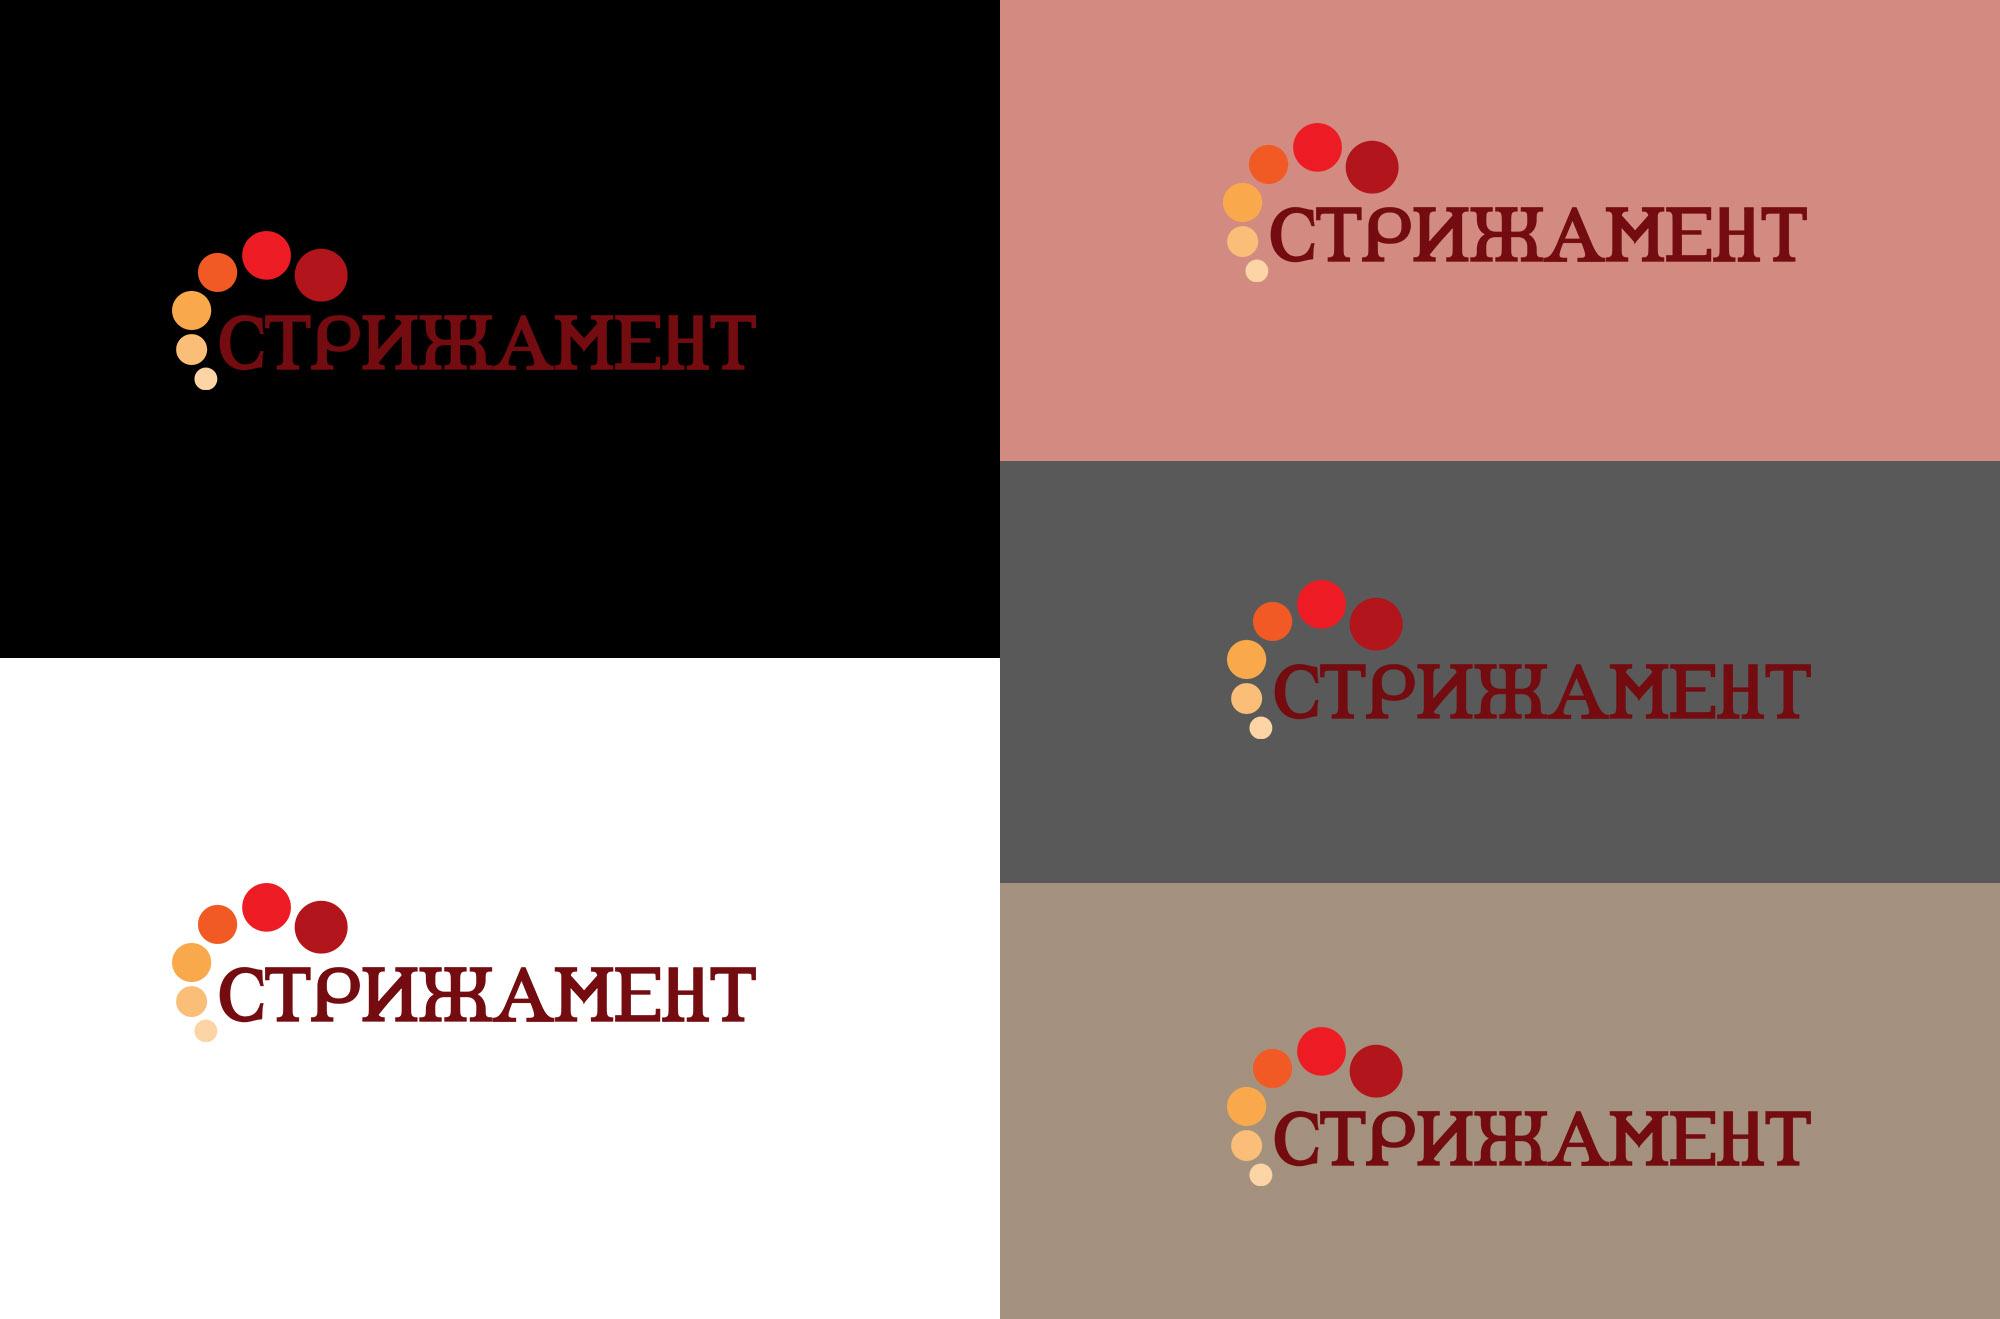 Дизайн лого бренда фото f_0335d531f6a62473.jpg